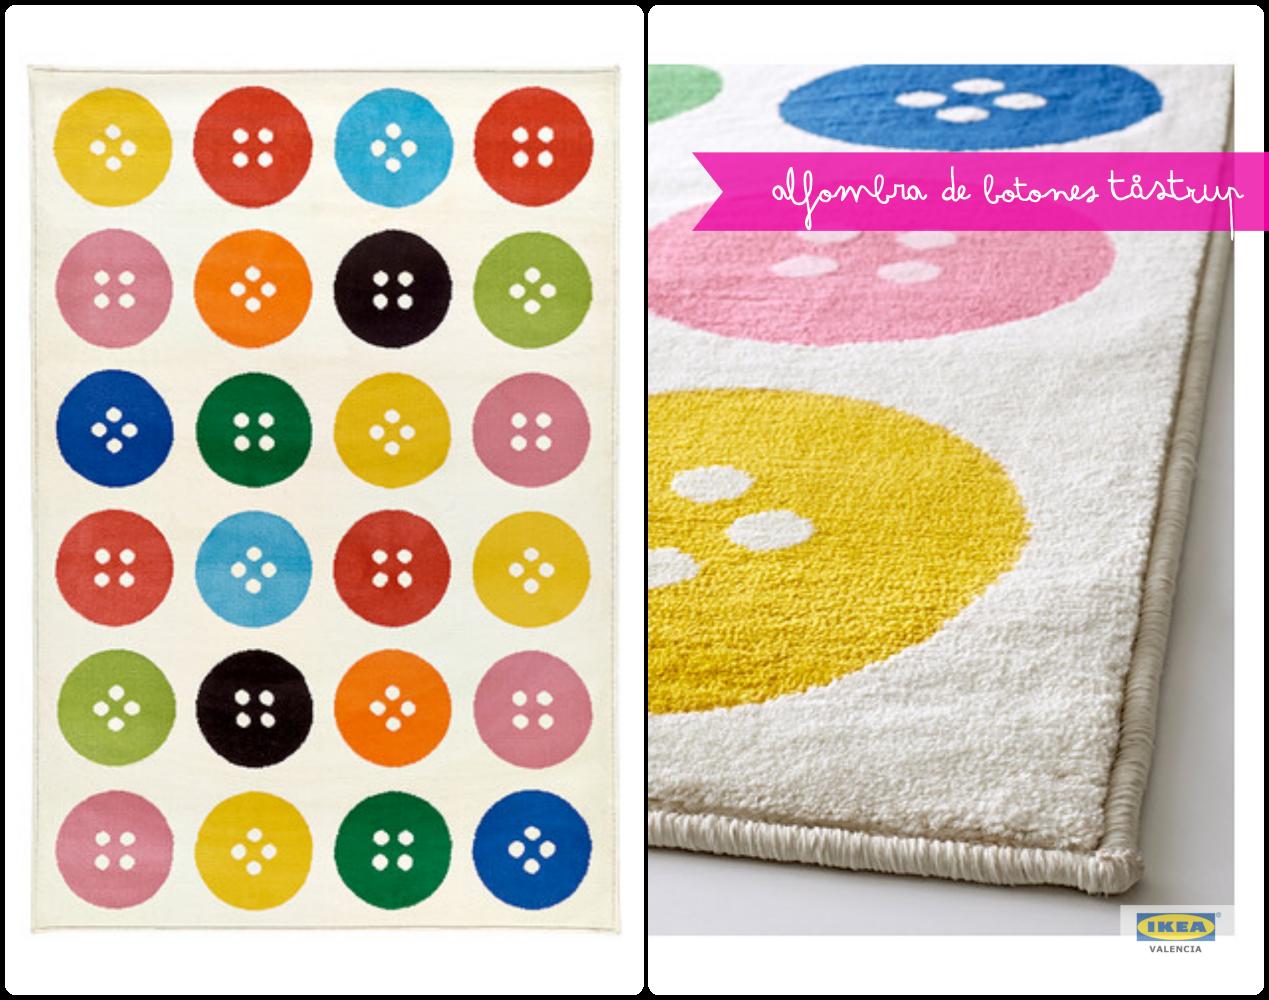 Alfombra De Botones Multicolor Tastrup 39 99